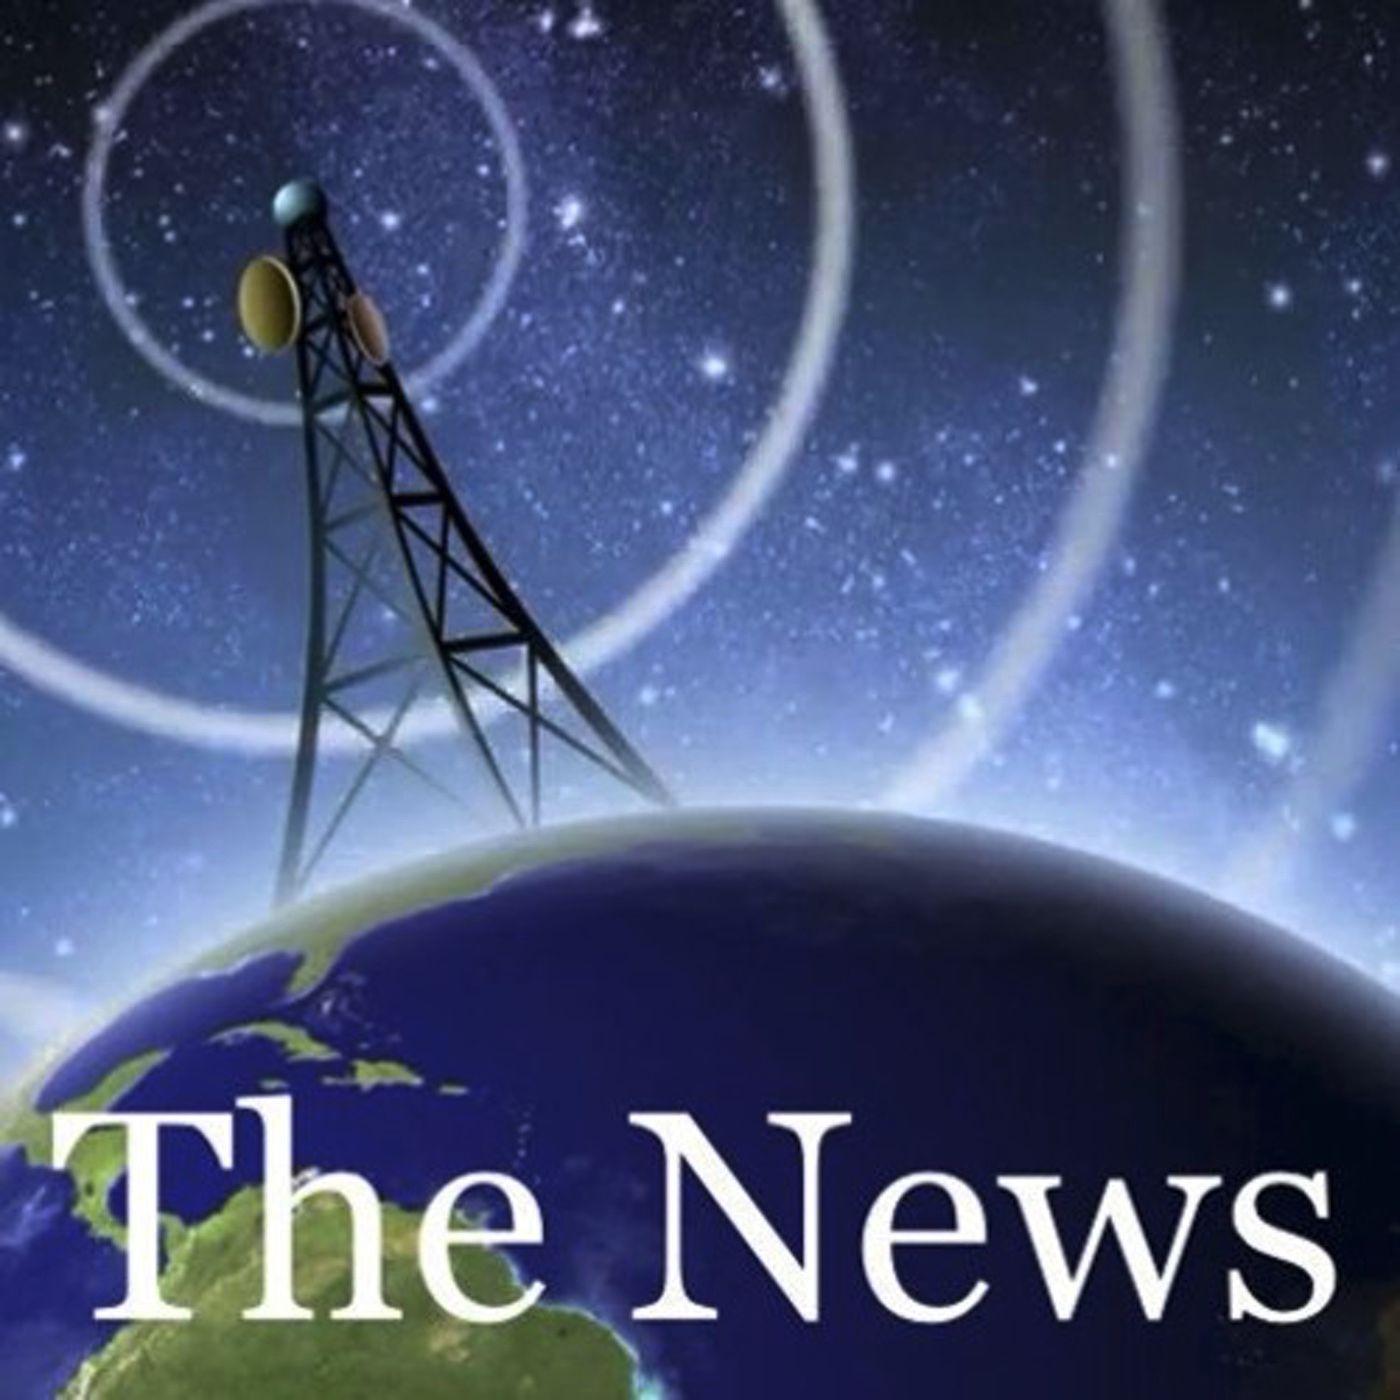 TheNews.fm